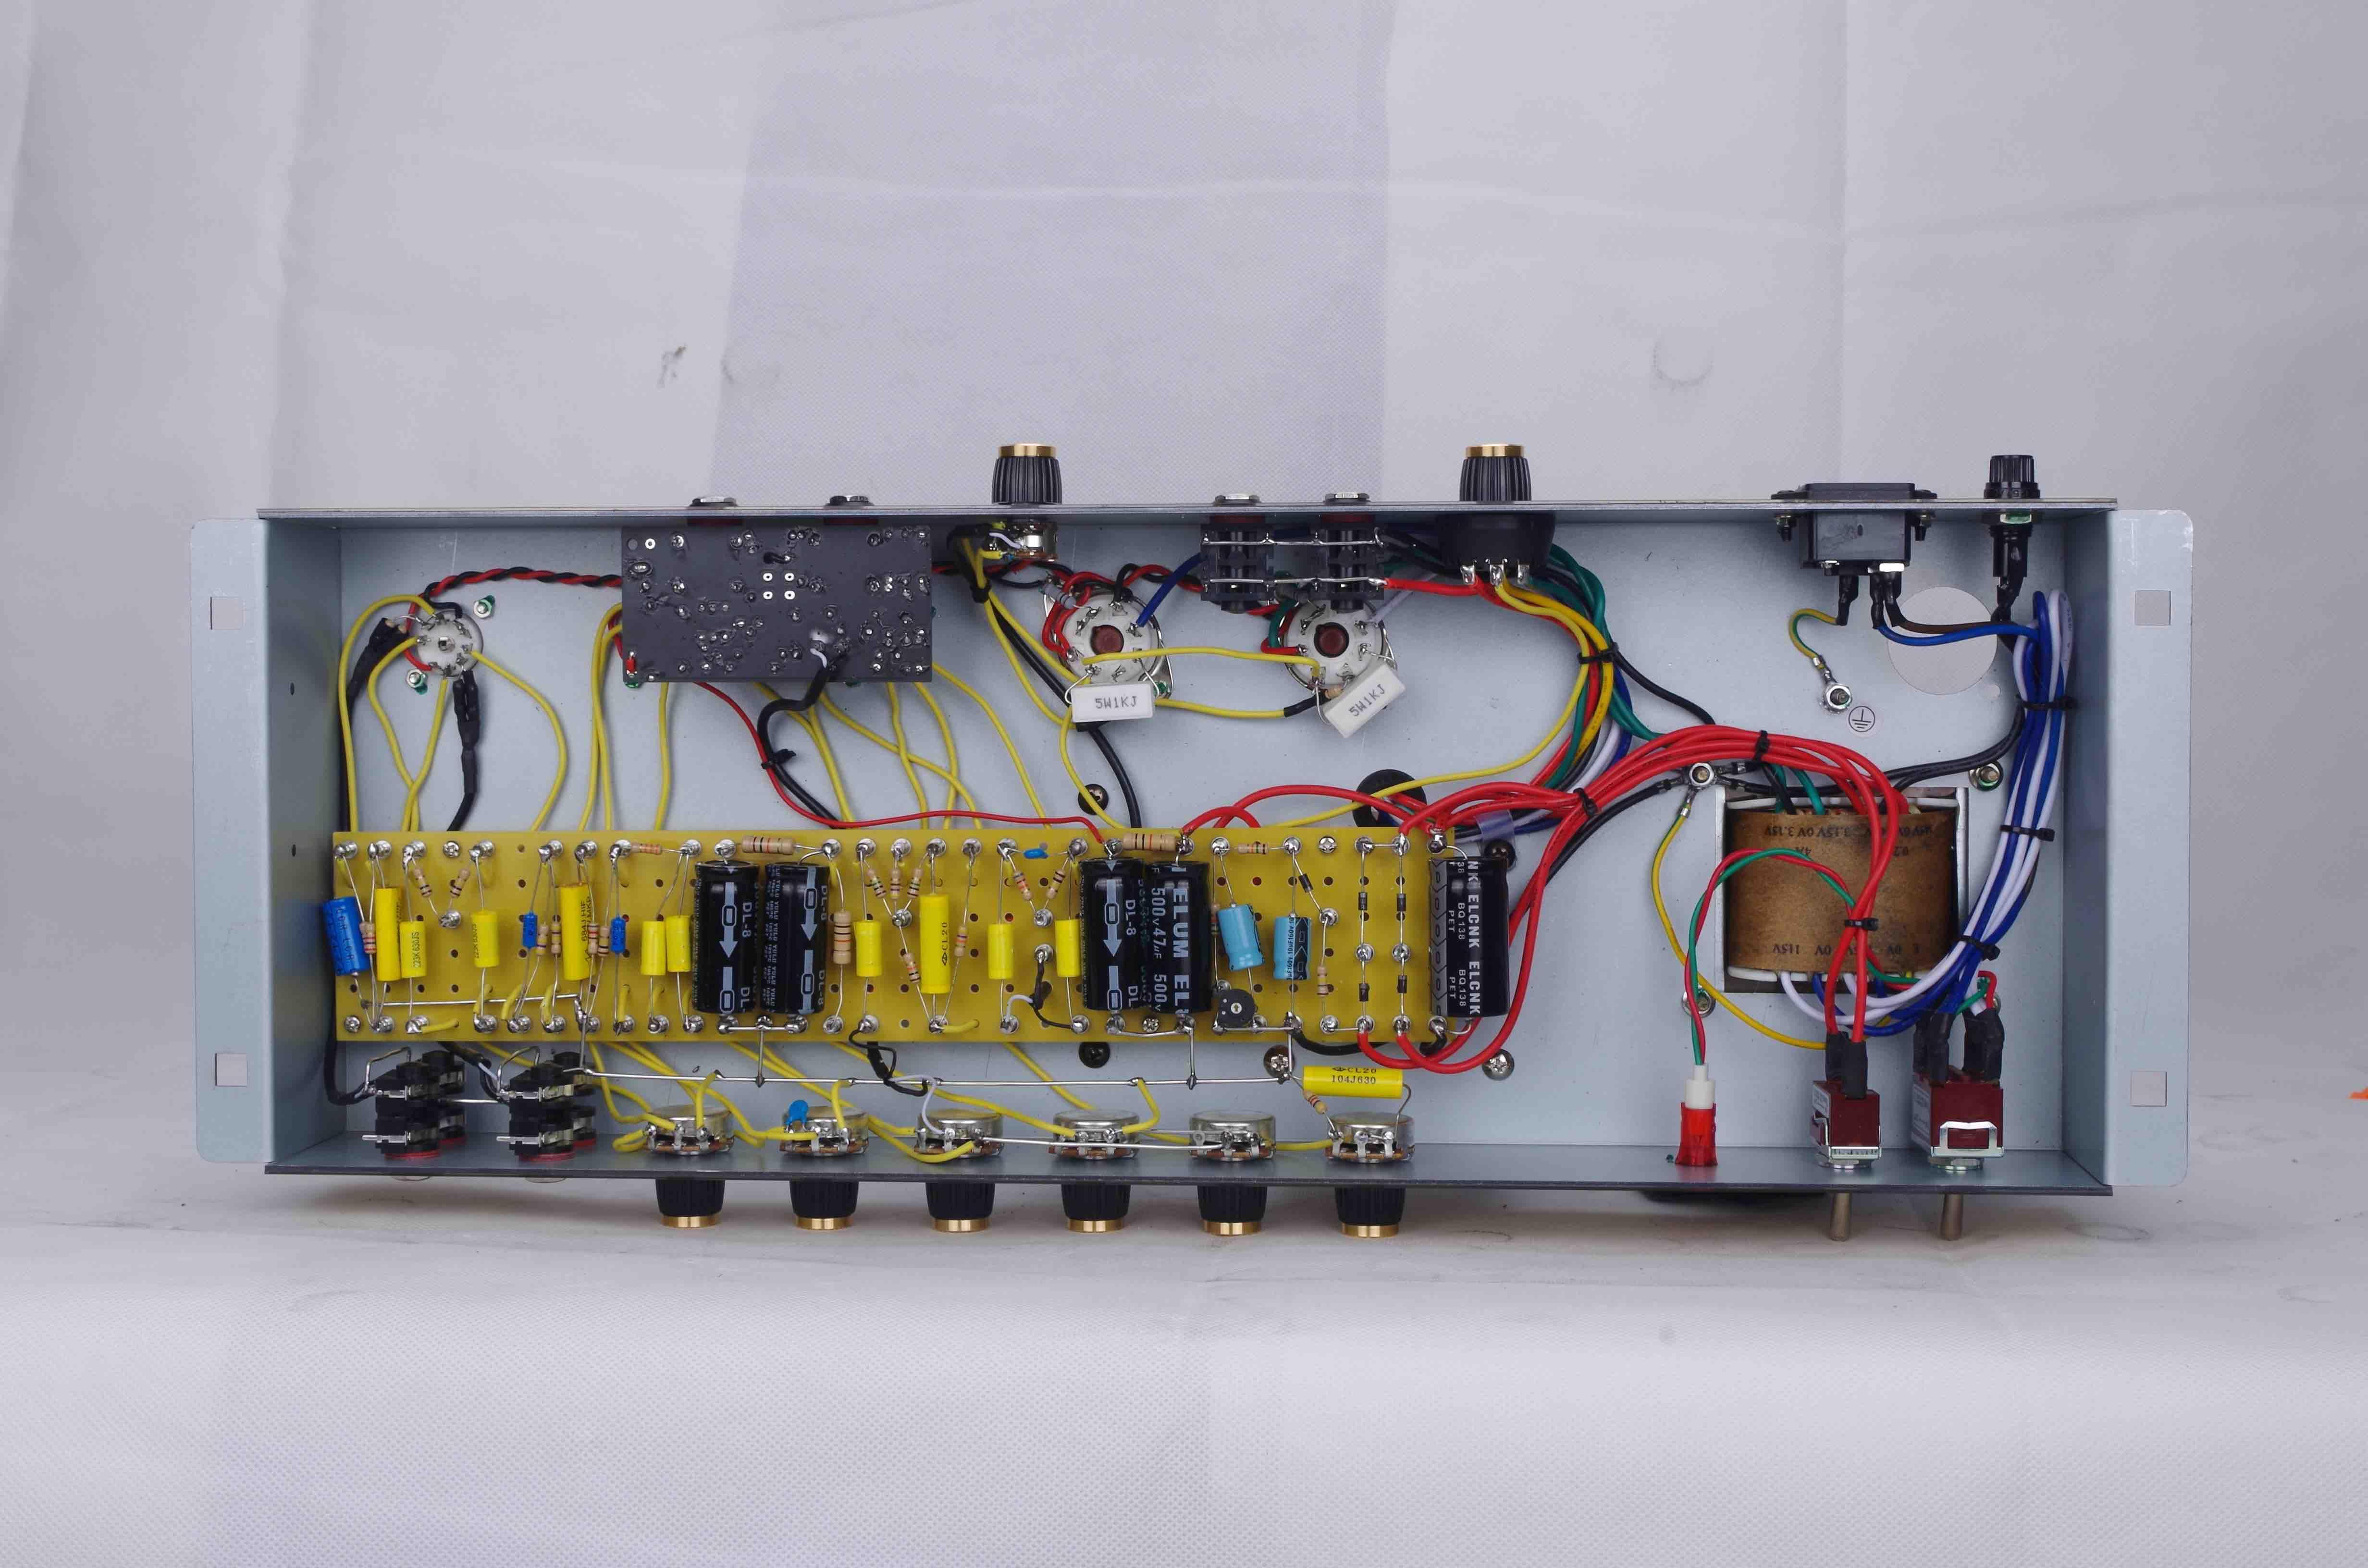 Pleksi59 Vintage Kabine El Kablolu Tüm Tüp Elektro Gitar 50 W Amplifikatör Kafa Siyah KT66 Tüp Müzik Aletleri Ile Ücretsiz Kargo